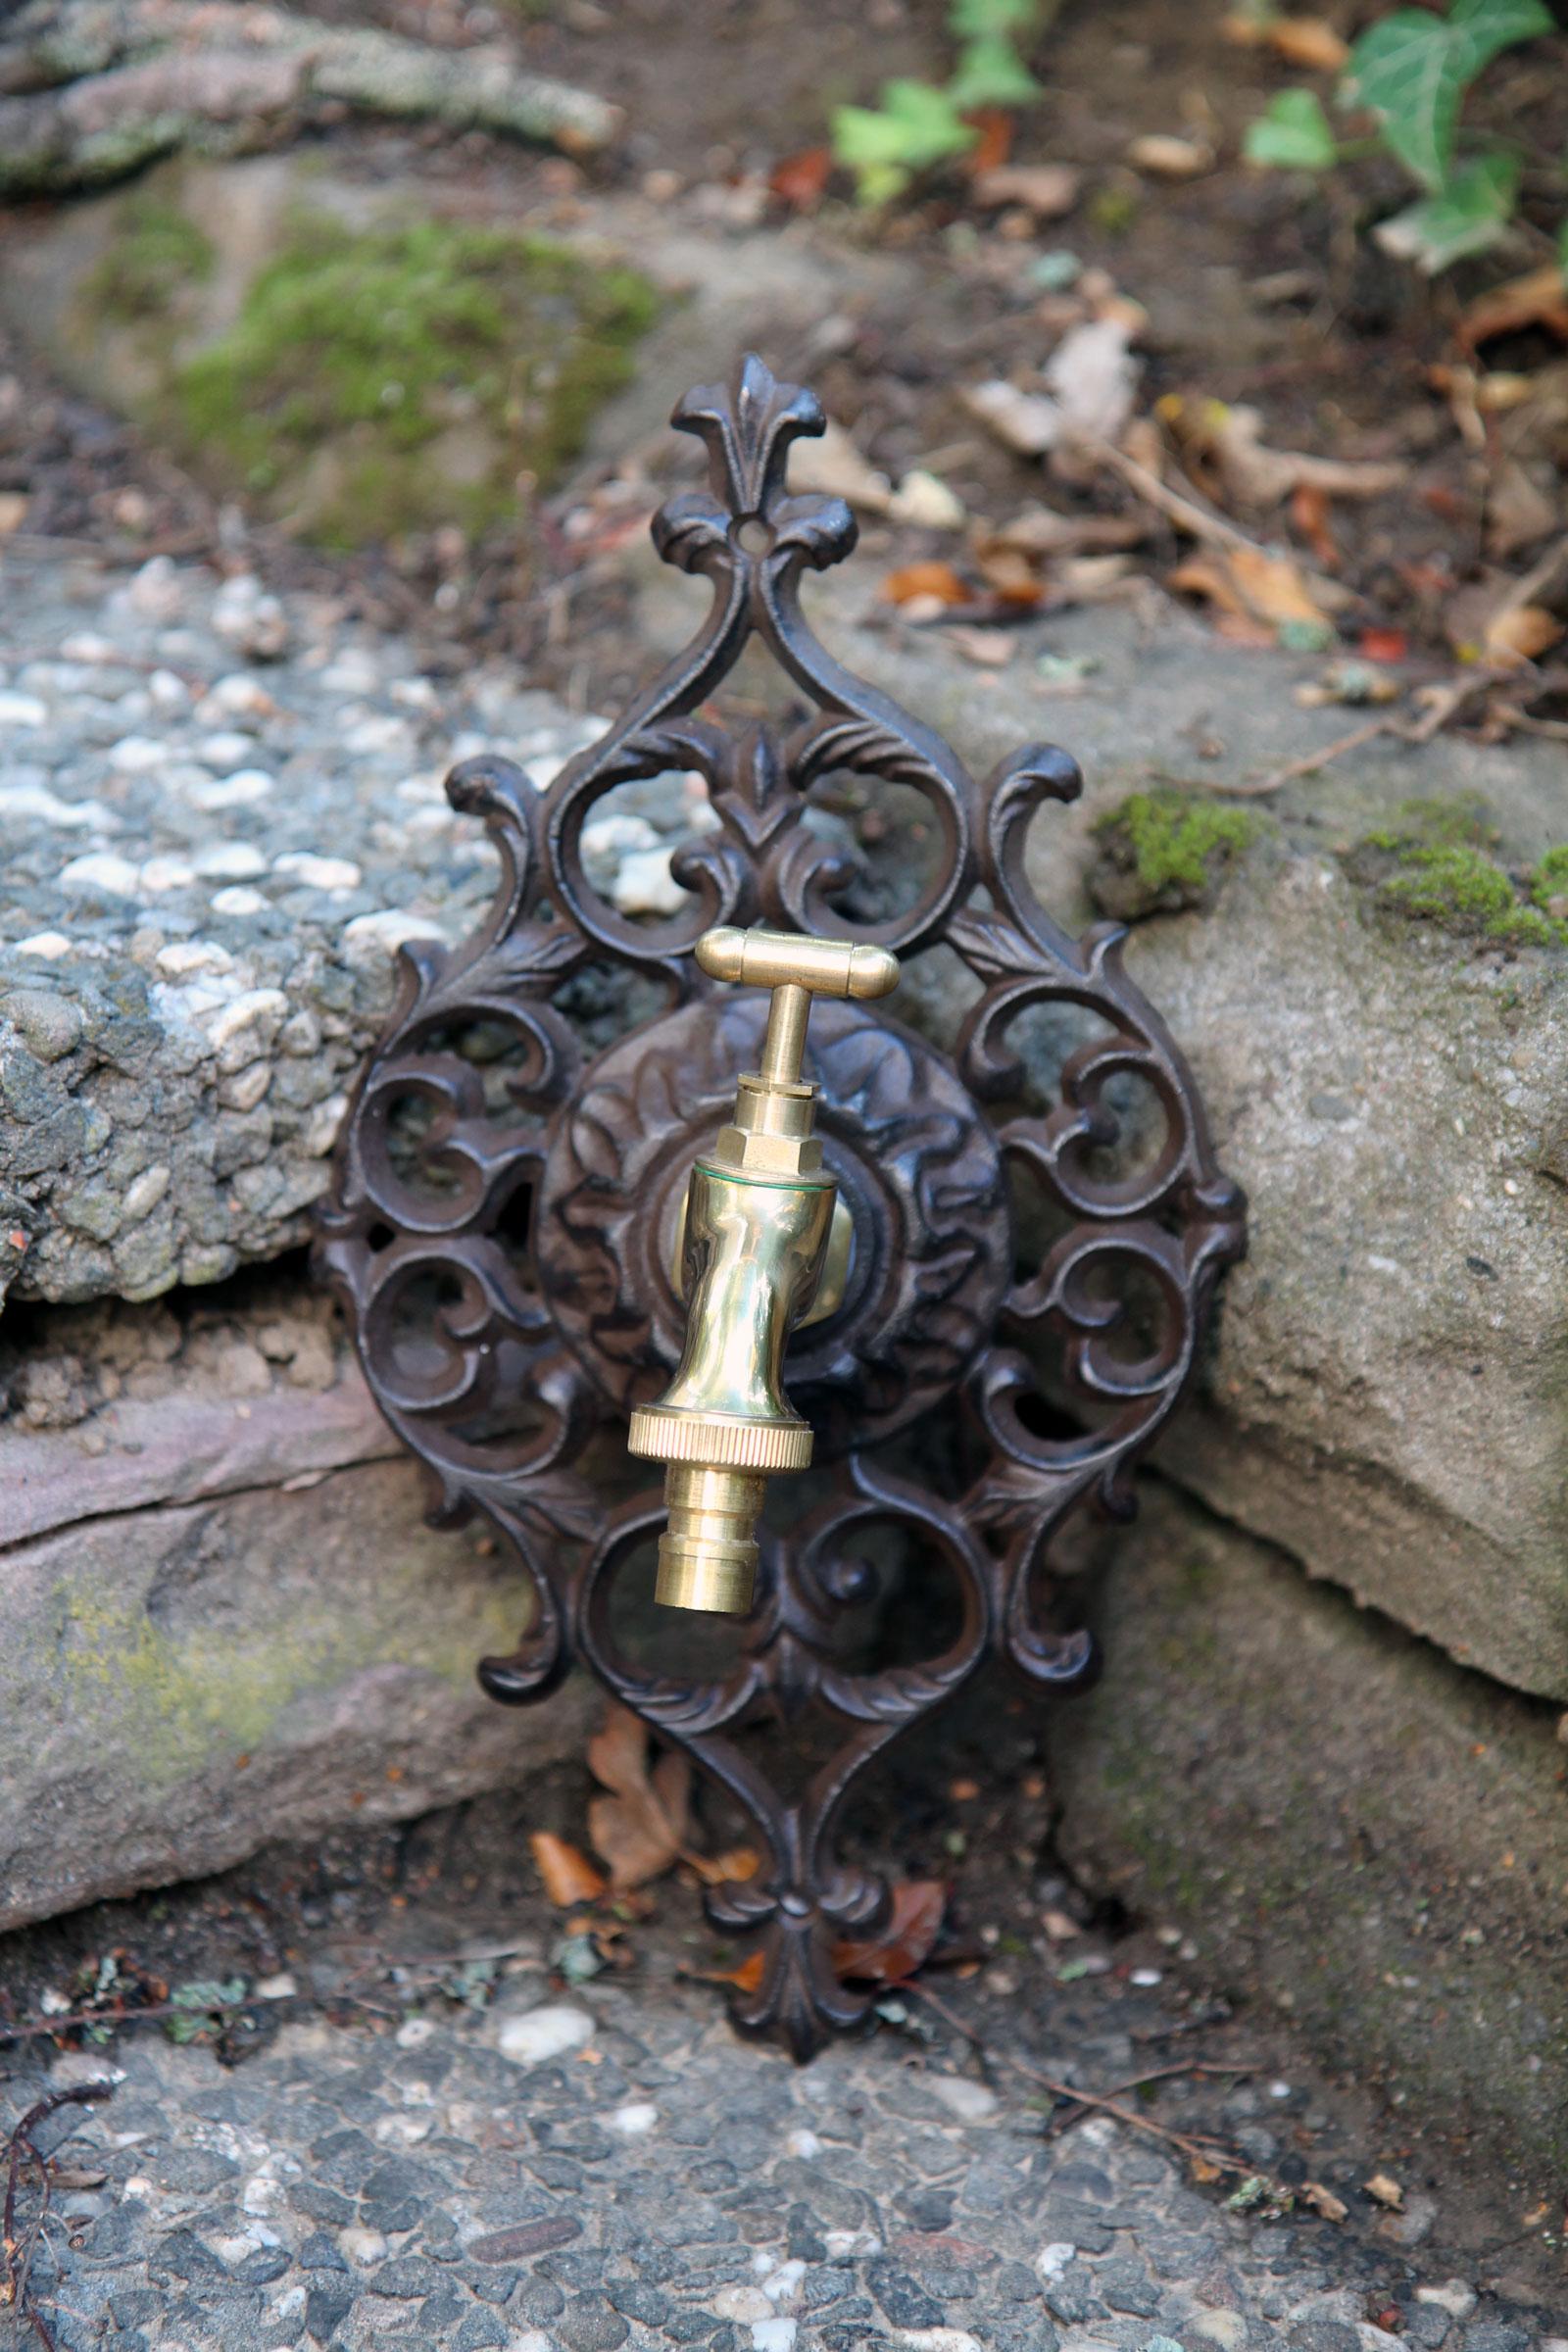 Nostalgie Wasseranschluss Zierrosette Eisen Wasserhahn Garten Braun